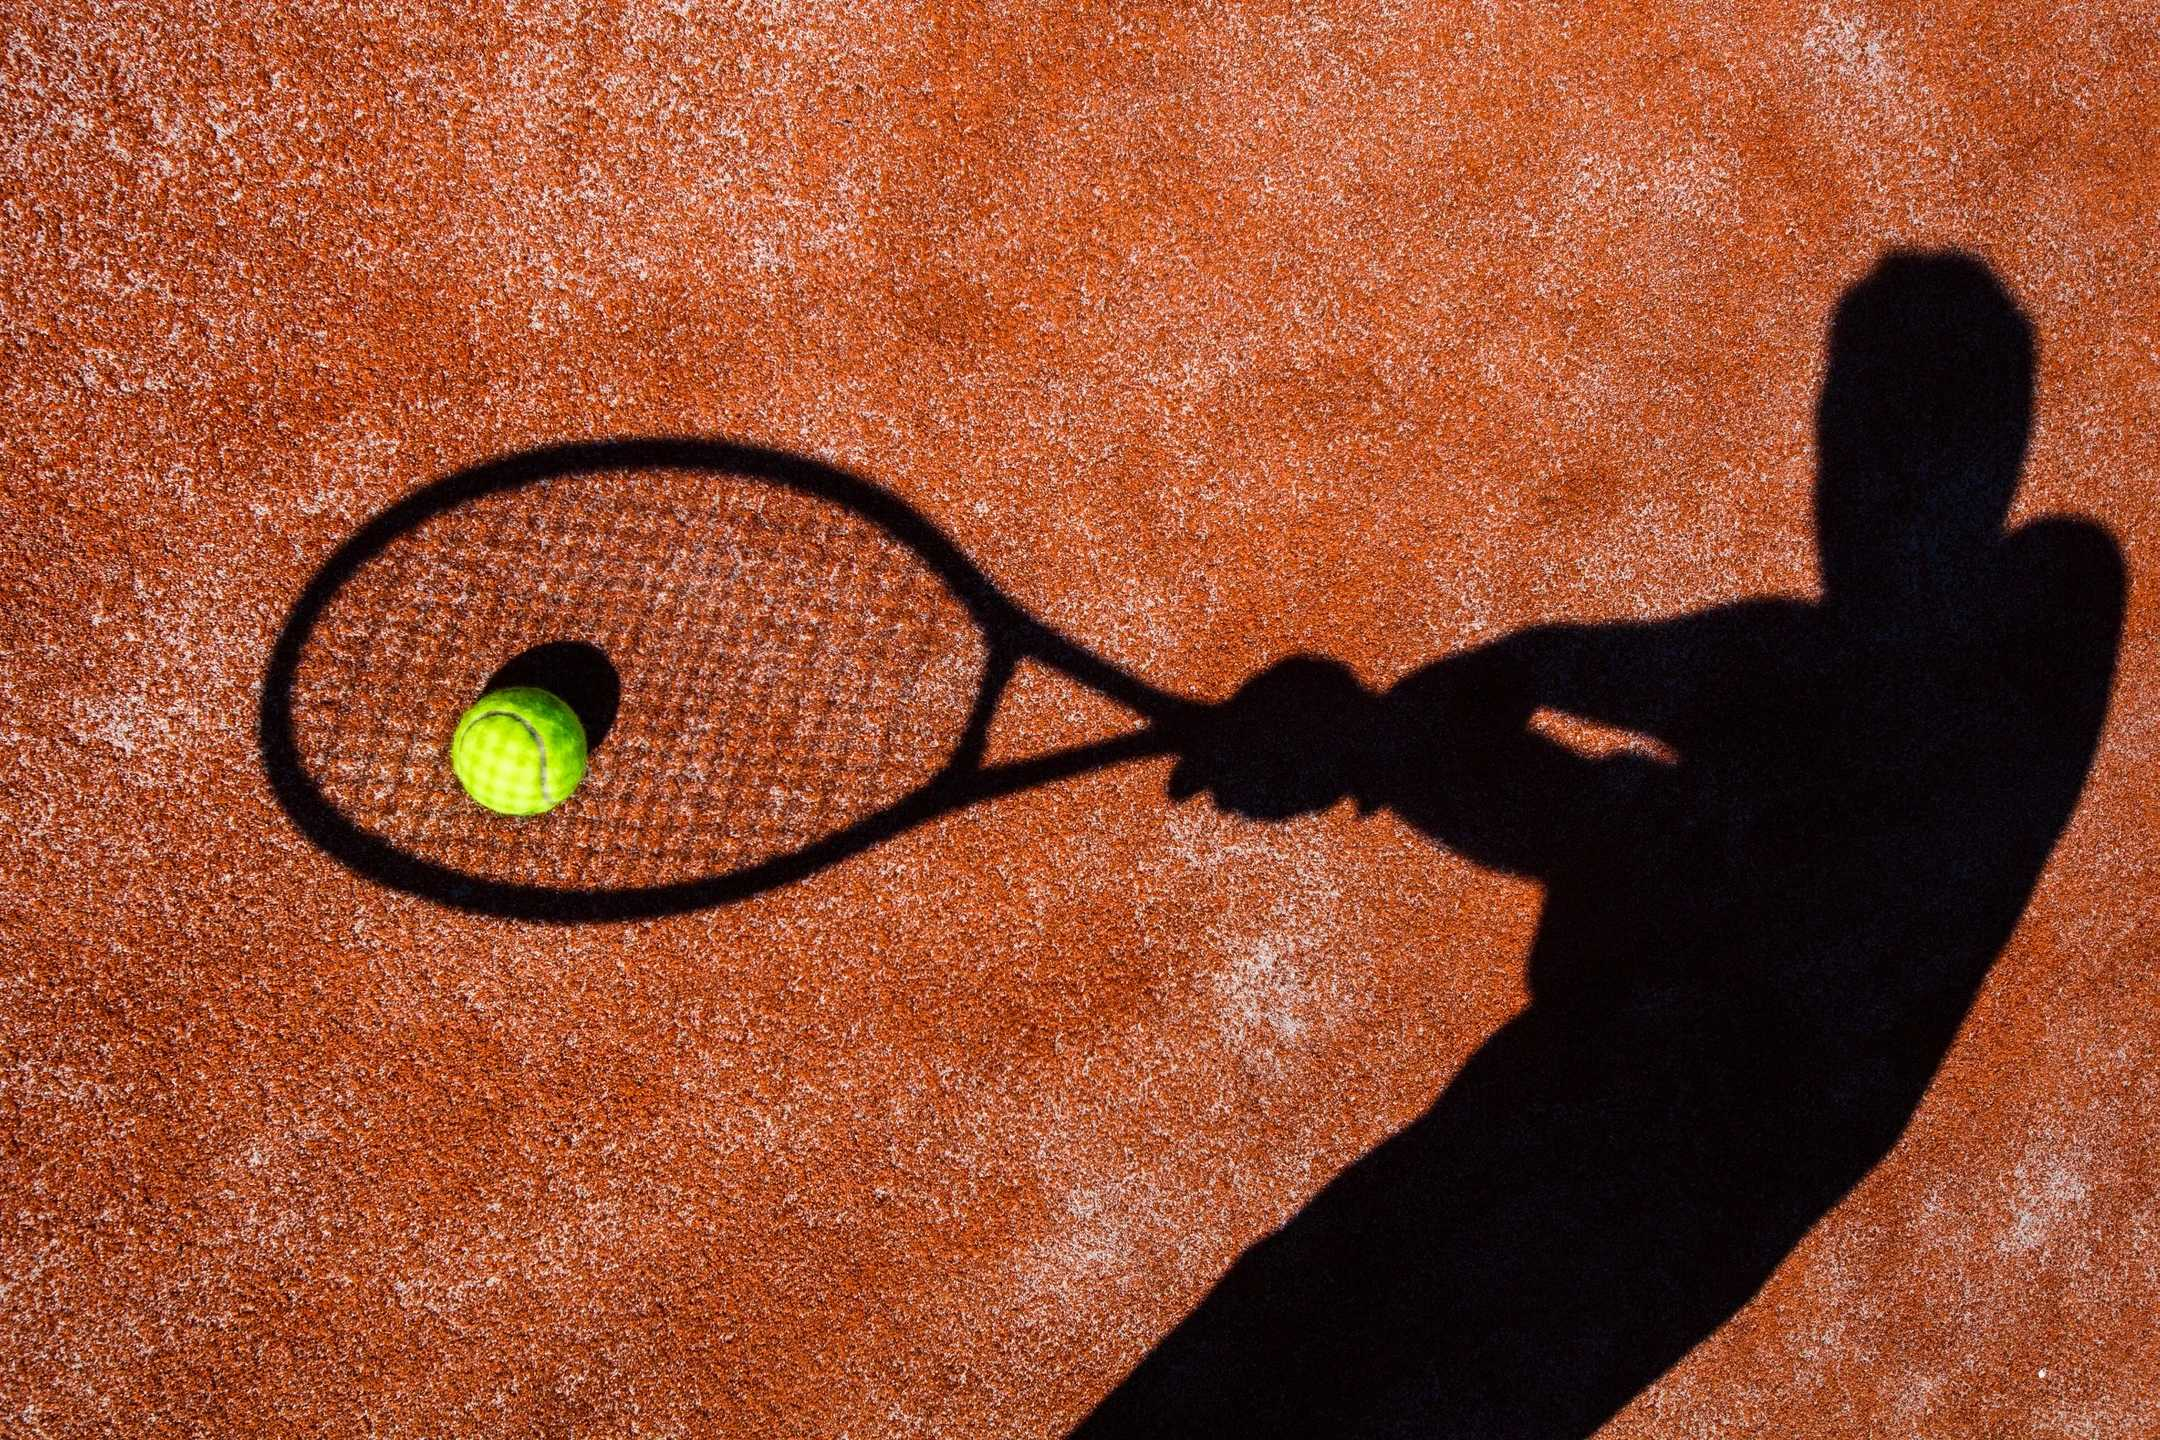 Schatten von Tennisspieler auf Tennisplatz mit Tennisball